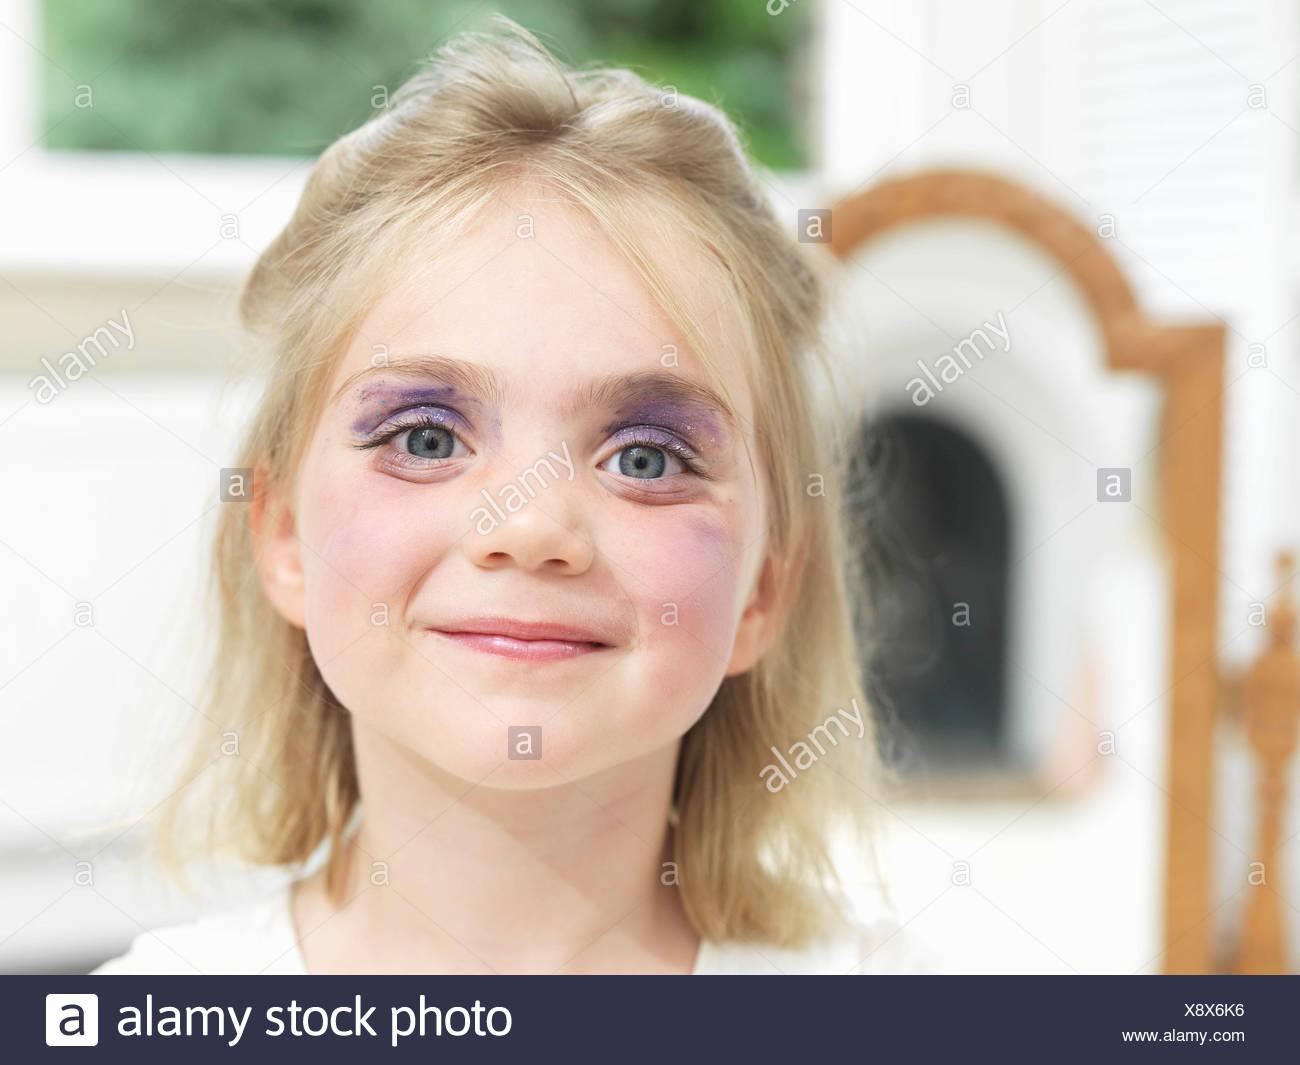 Chica, habiendo hecho su propio maquillaje Imagen De Stock